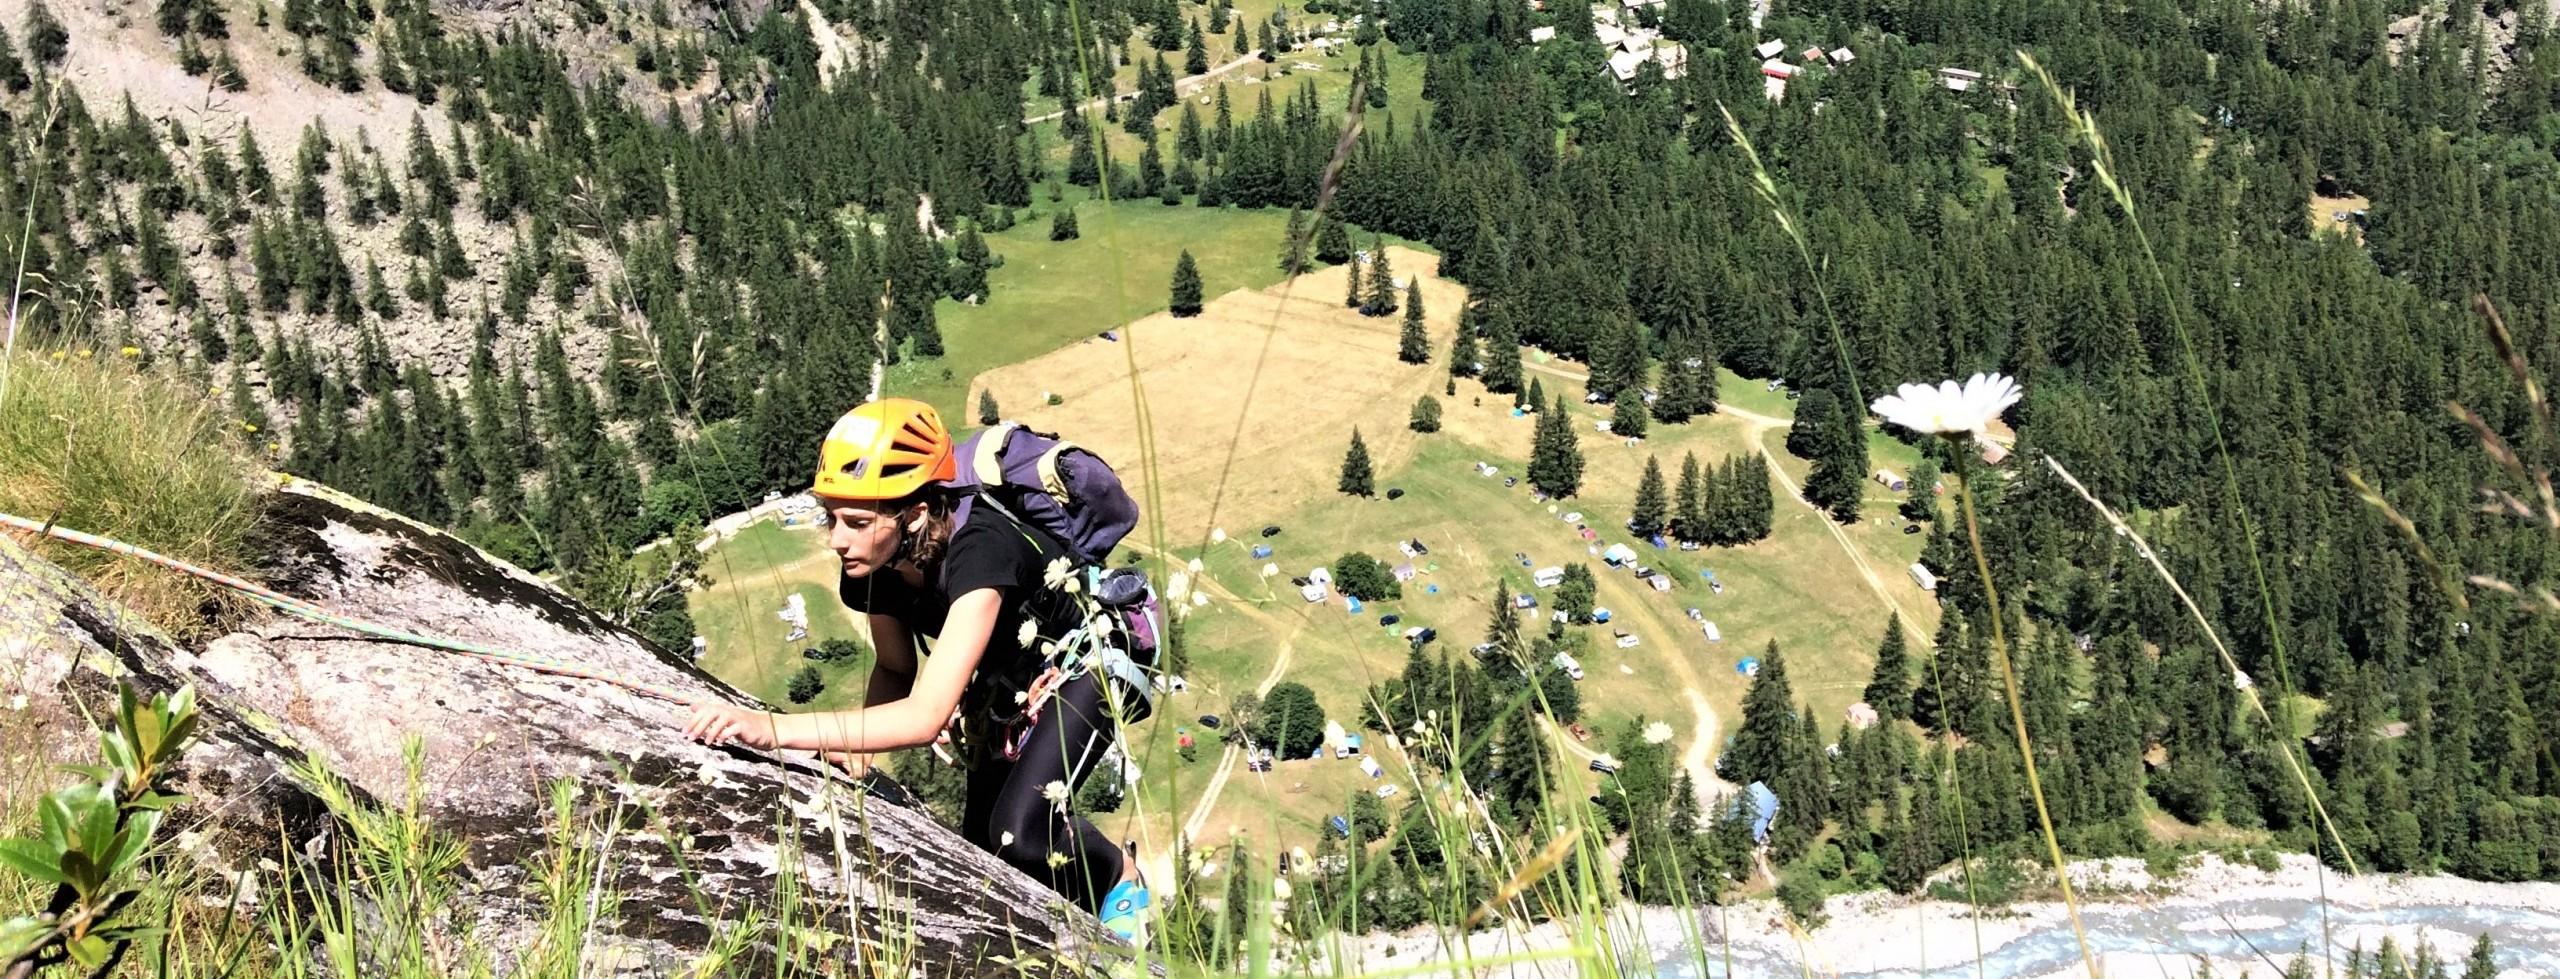 Antonin, guide de haute montagne, d'escalade et canyon dans les Hautes-Alpes.